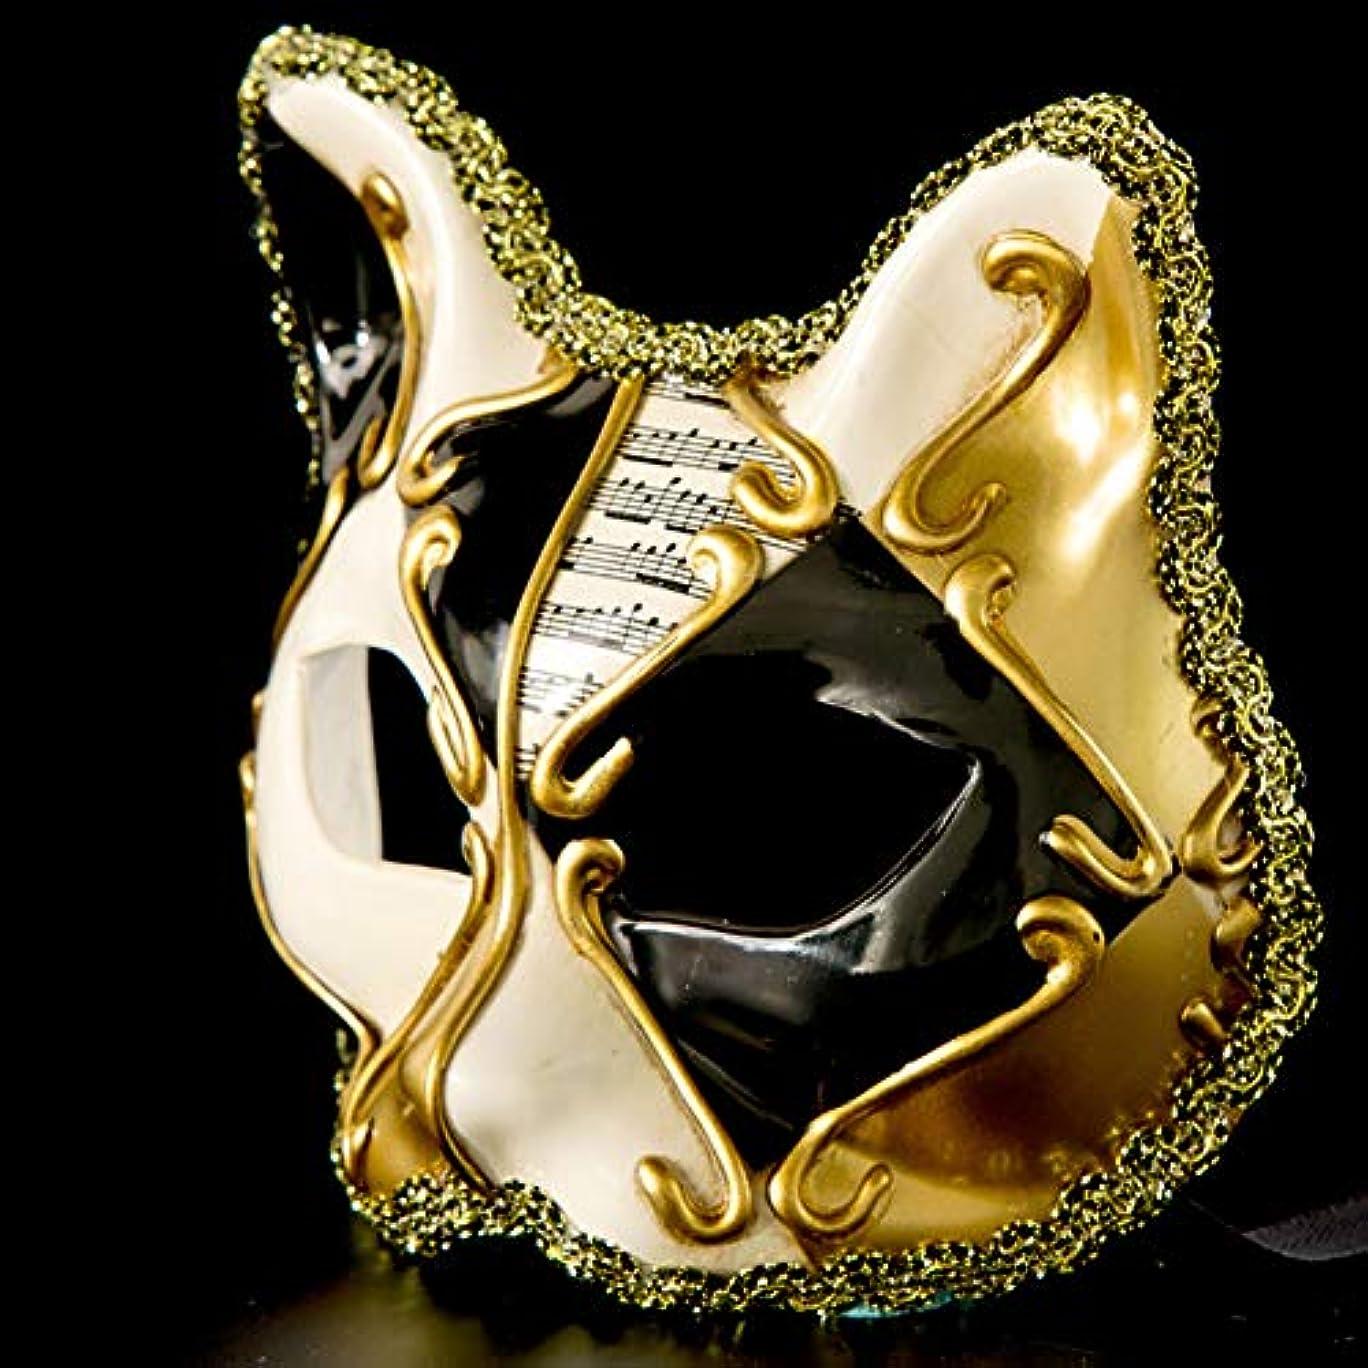 遷移魔法横たわるマスクベネチアン子猫マスク子供仮装ボールパーティー,イエロー